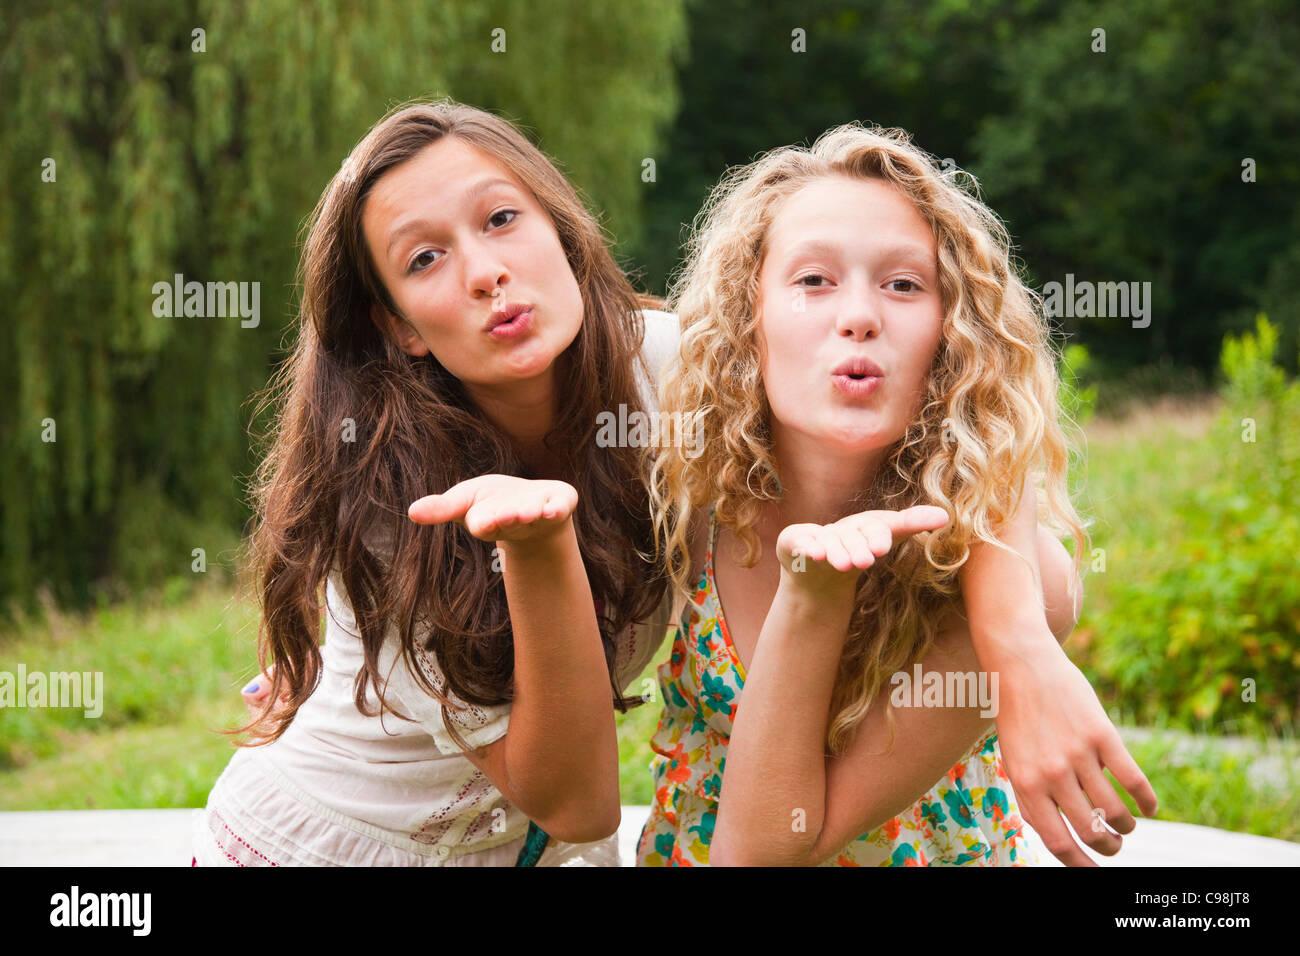 Dos chicas adolescentes jugando campiña y mandando besos Imagen De Stock